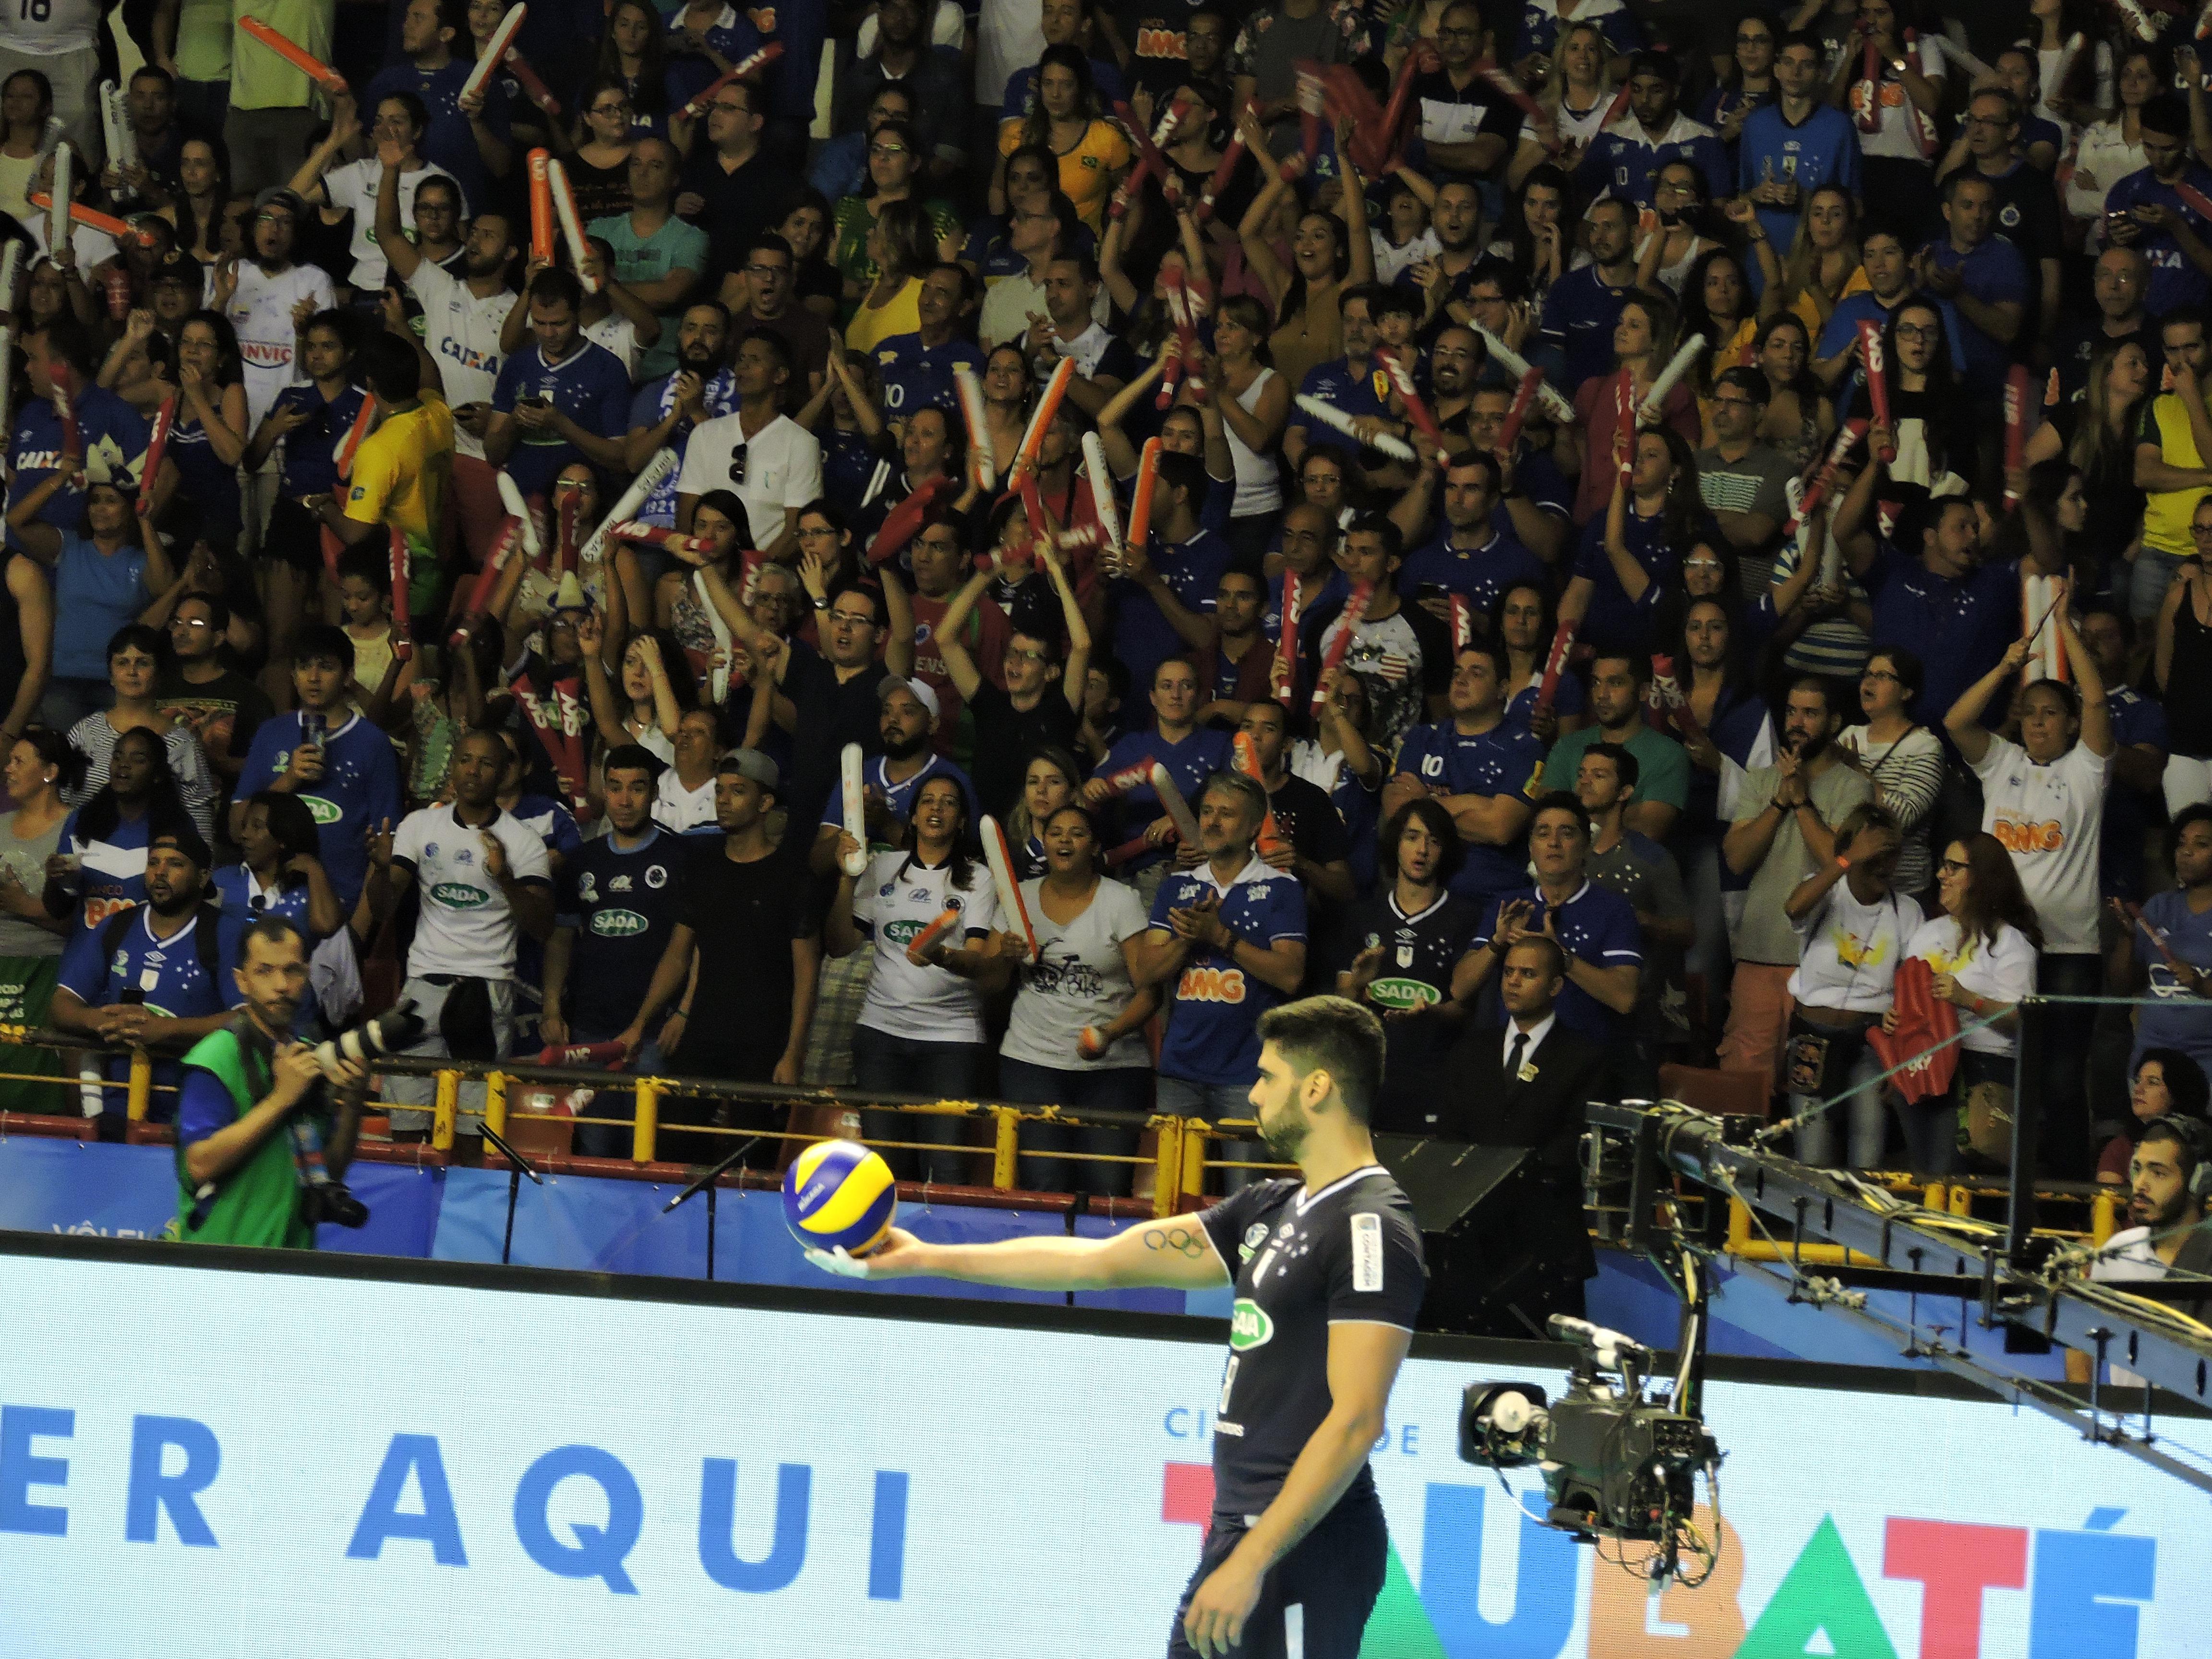 Evandro foi eleito o melhor jogador da final e também o melhor saque da Superliga. Foto: Paulo Arnaldo / Rádio Poliesportiva.